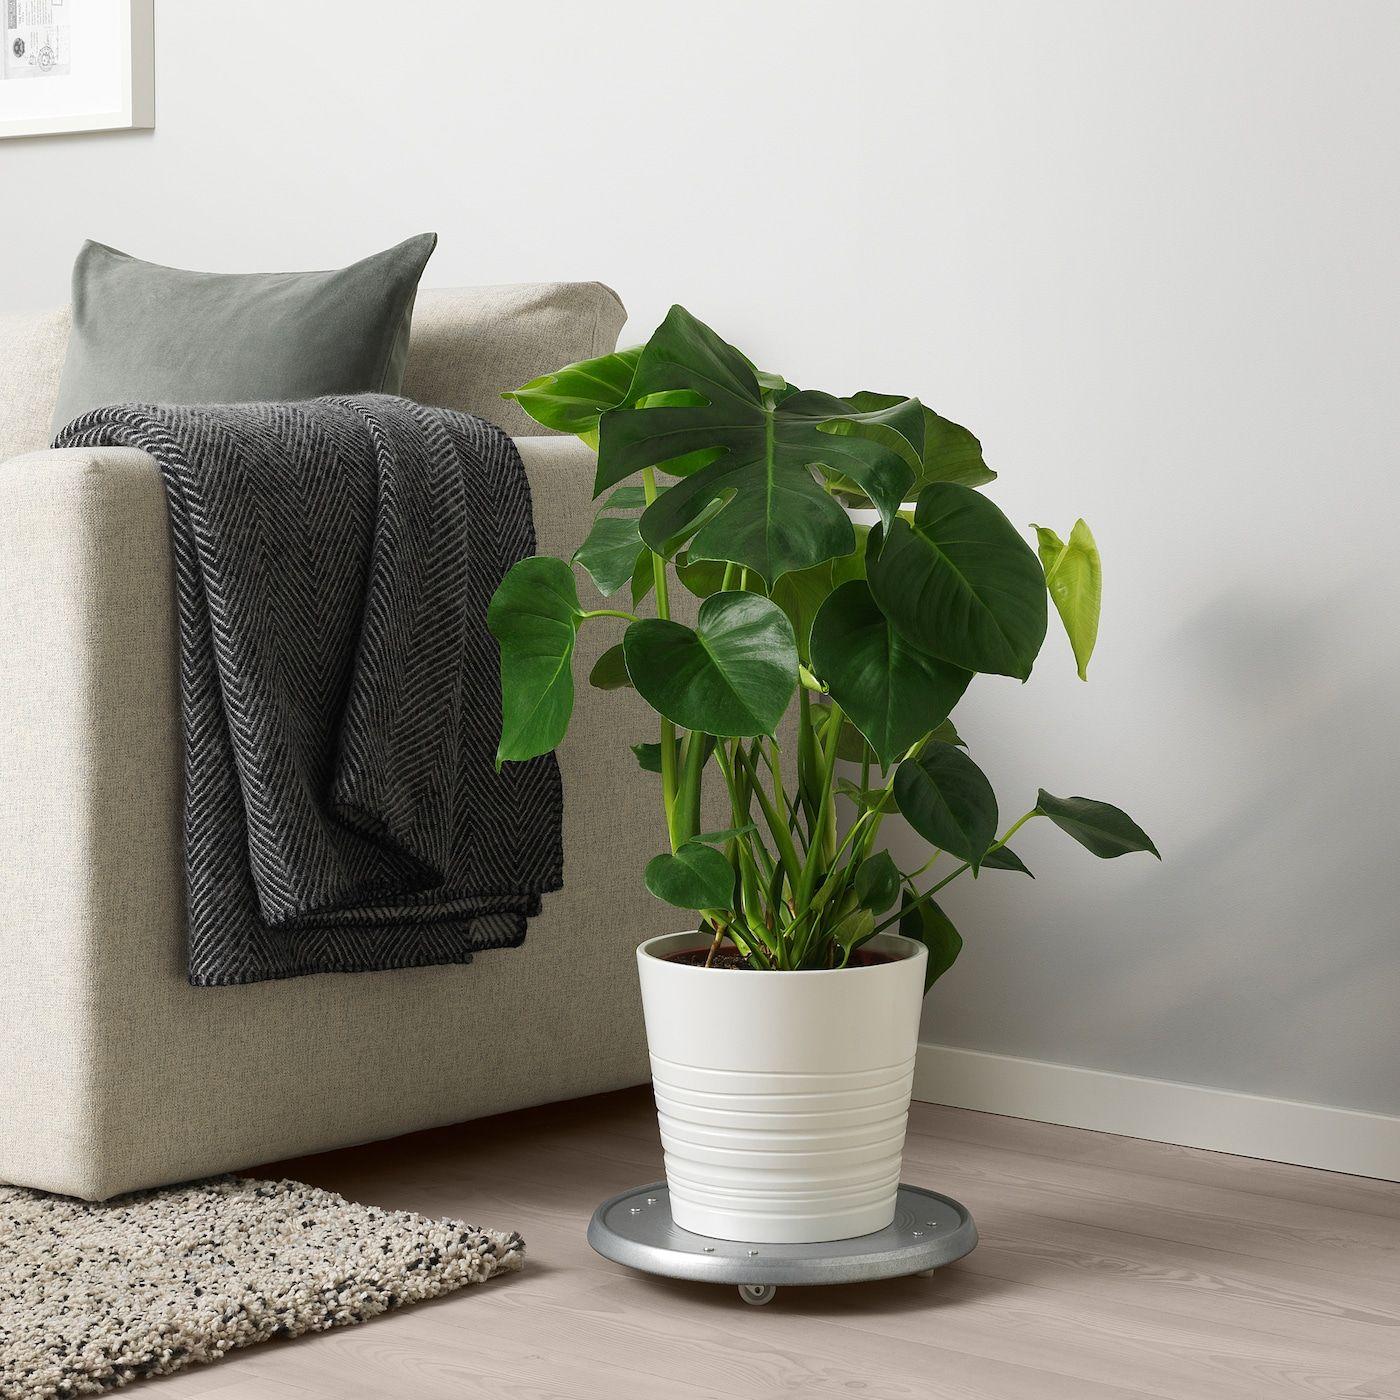 Monstera Pflanze Fensterblatt Ikea Deutschland In 2020 Monstera Pflanzen Wohnung Pflanzen